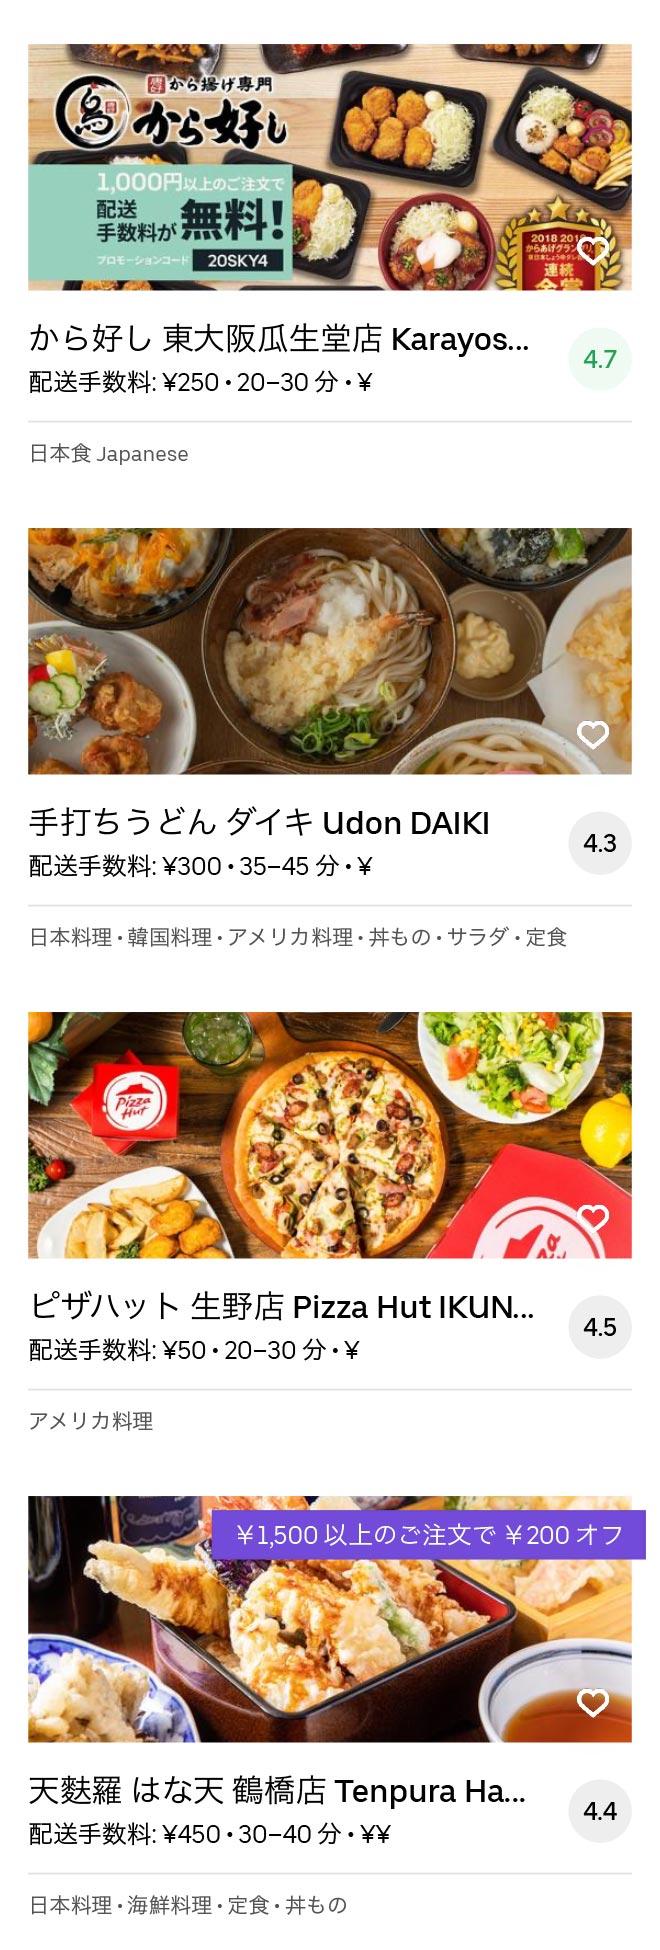 Higashi osaka nagase menu 2005 12